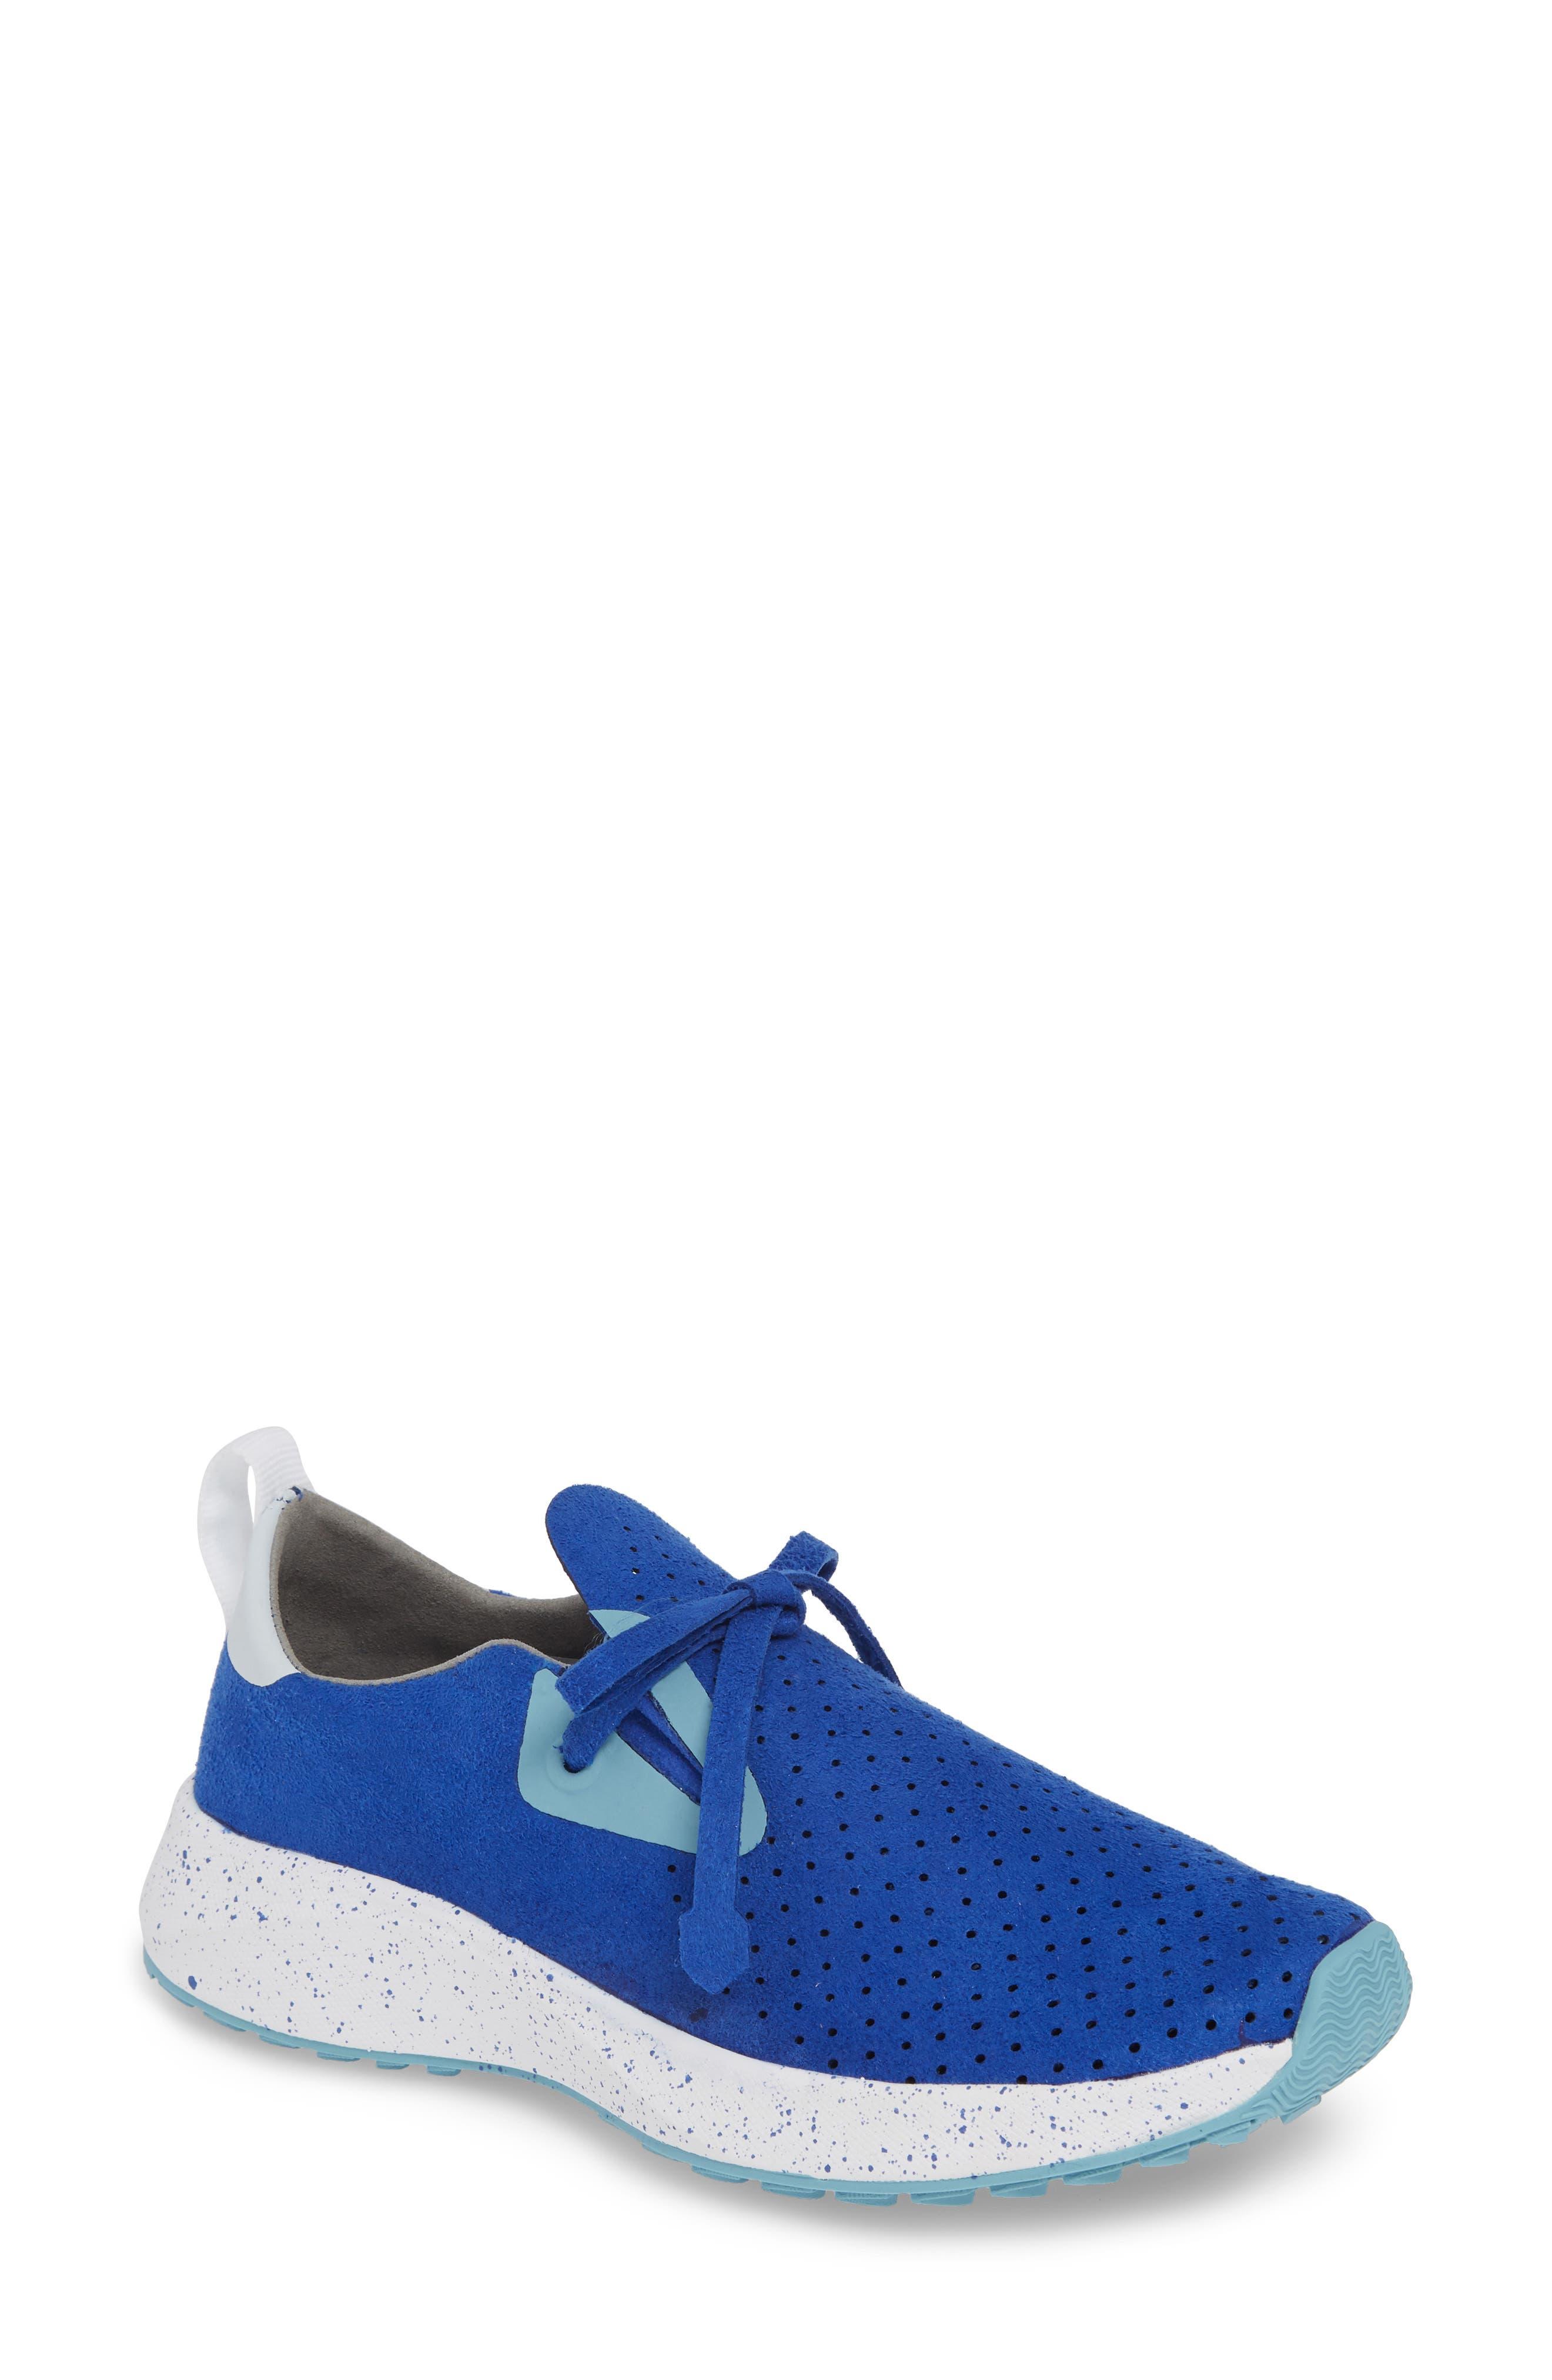 Native Shoes Apollo 2.0 Sneaker, Blue